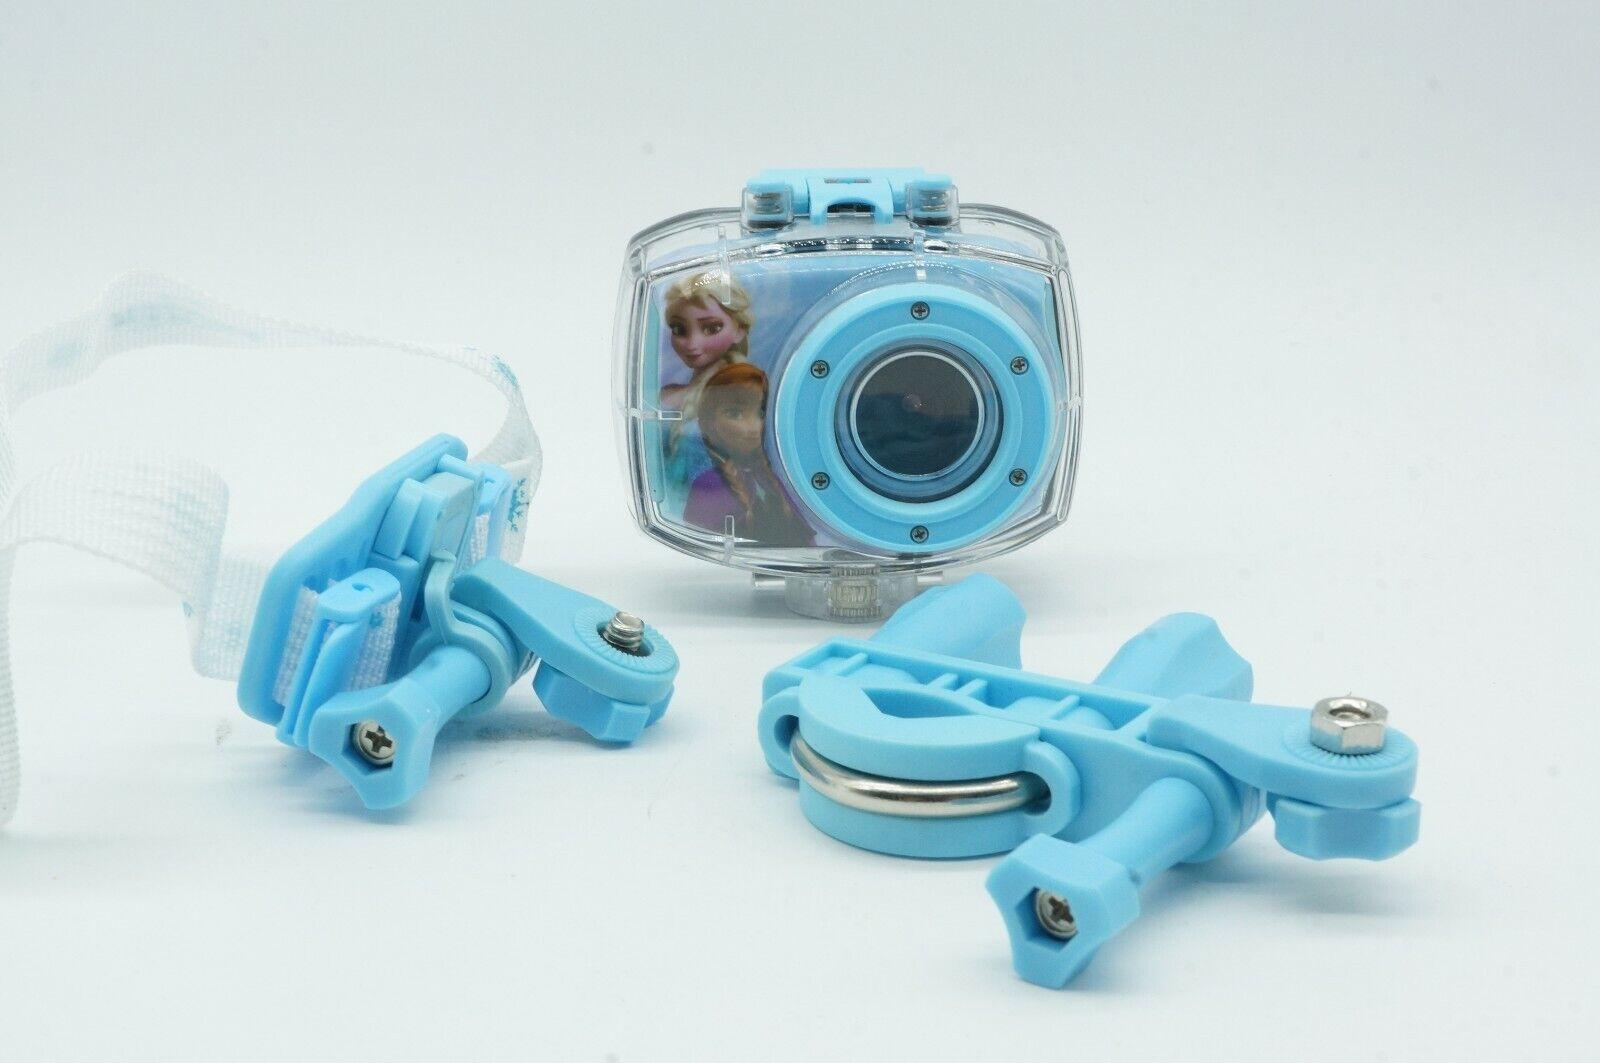 Kinder Frozen Action Cam wasserdichte Unterwasser-Kamera / EK68.8825